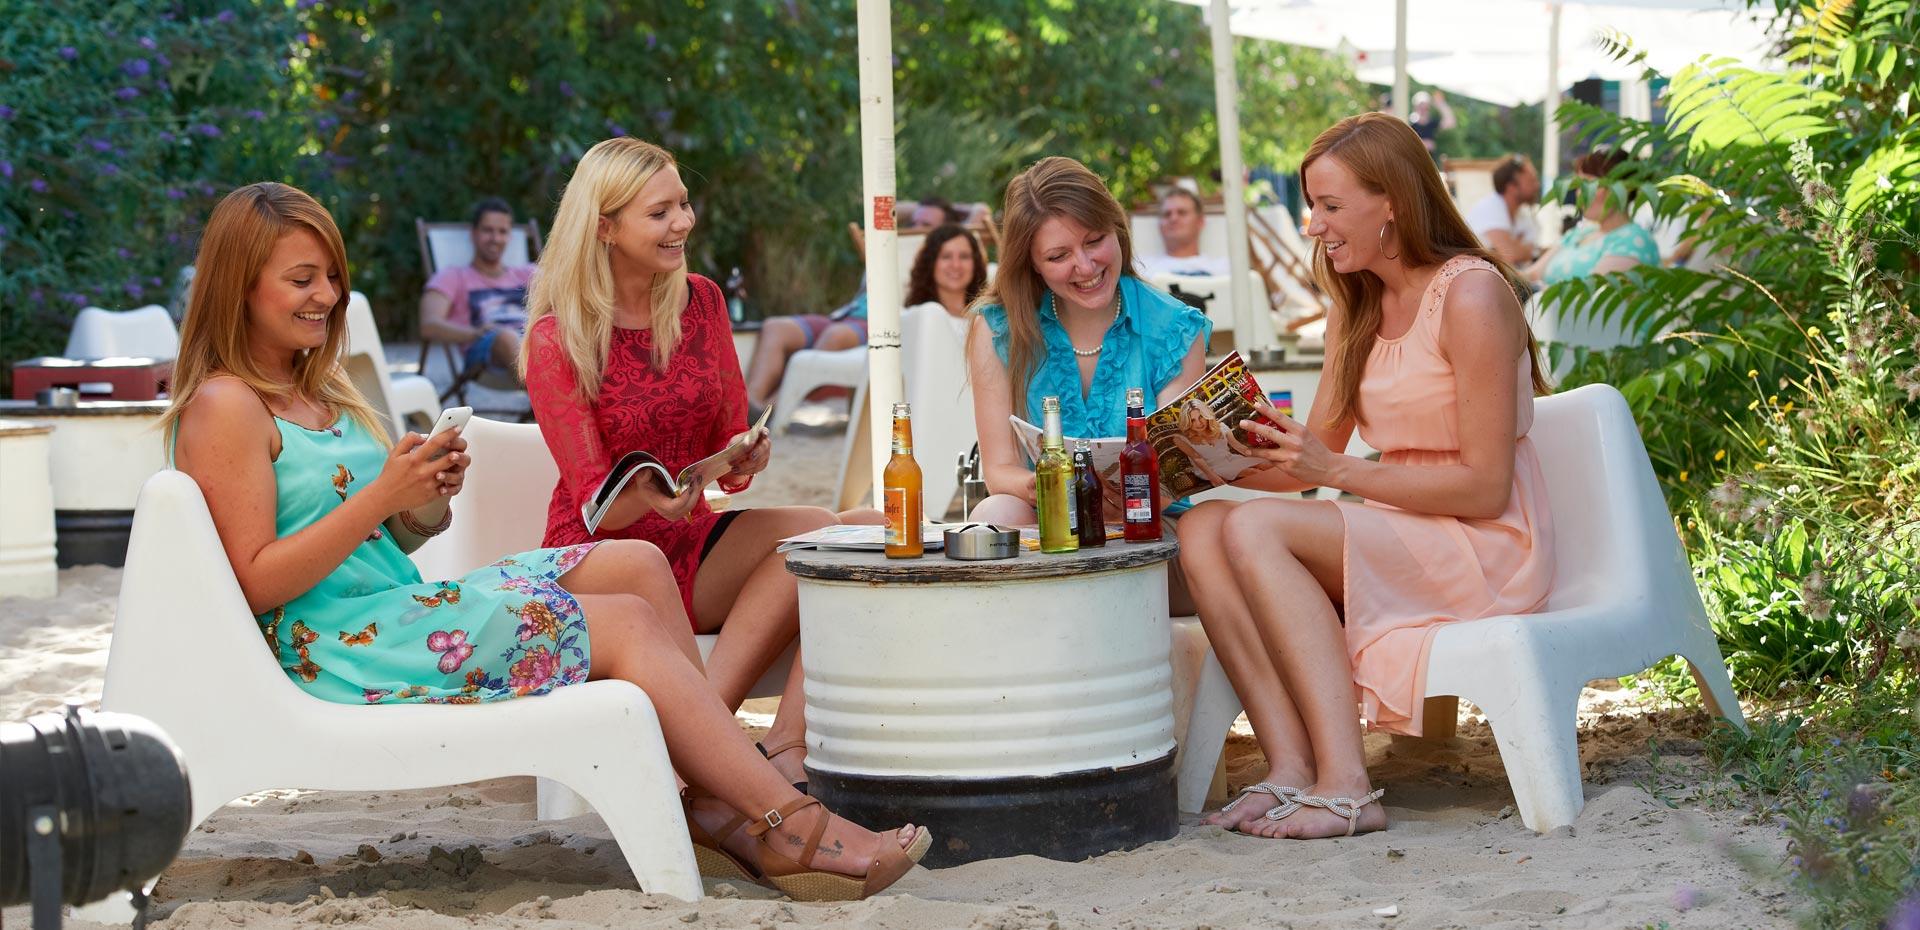 Vier junge Frauen in einer Beachbar beim Lesen, Reden und Lachen